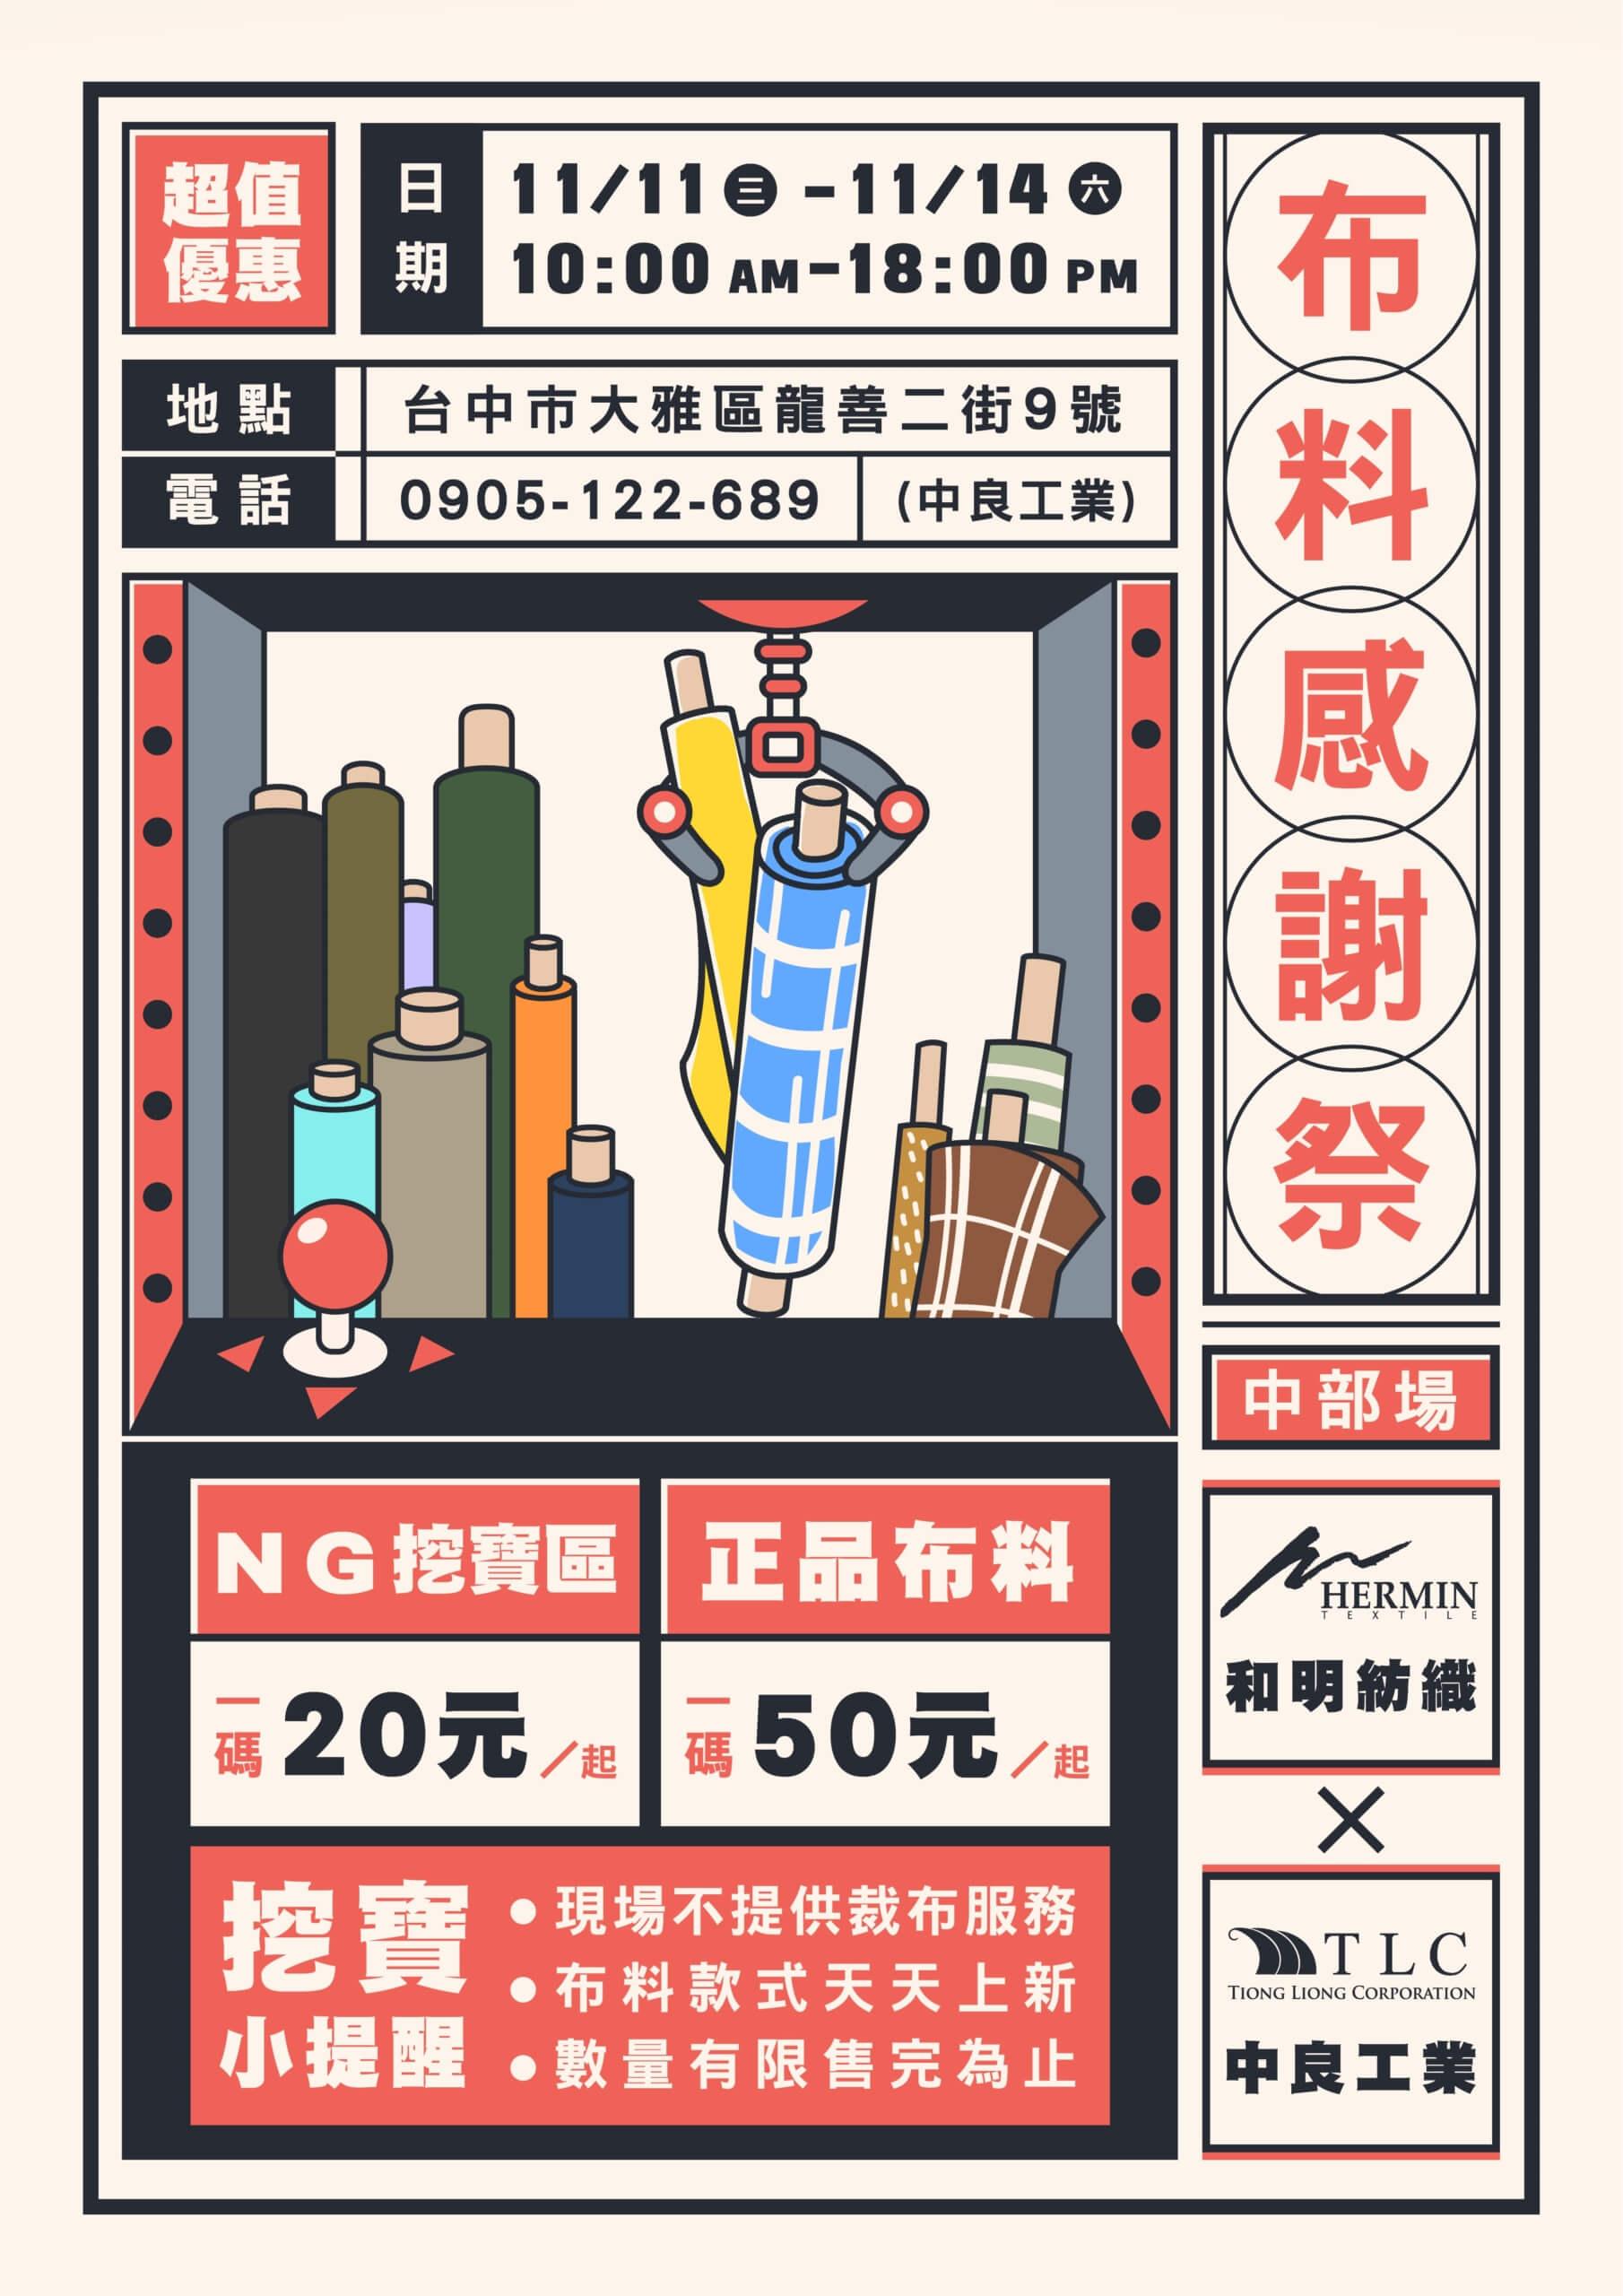 11/11(三)~11/14(六) 台中 布料特賣會